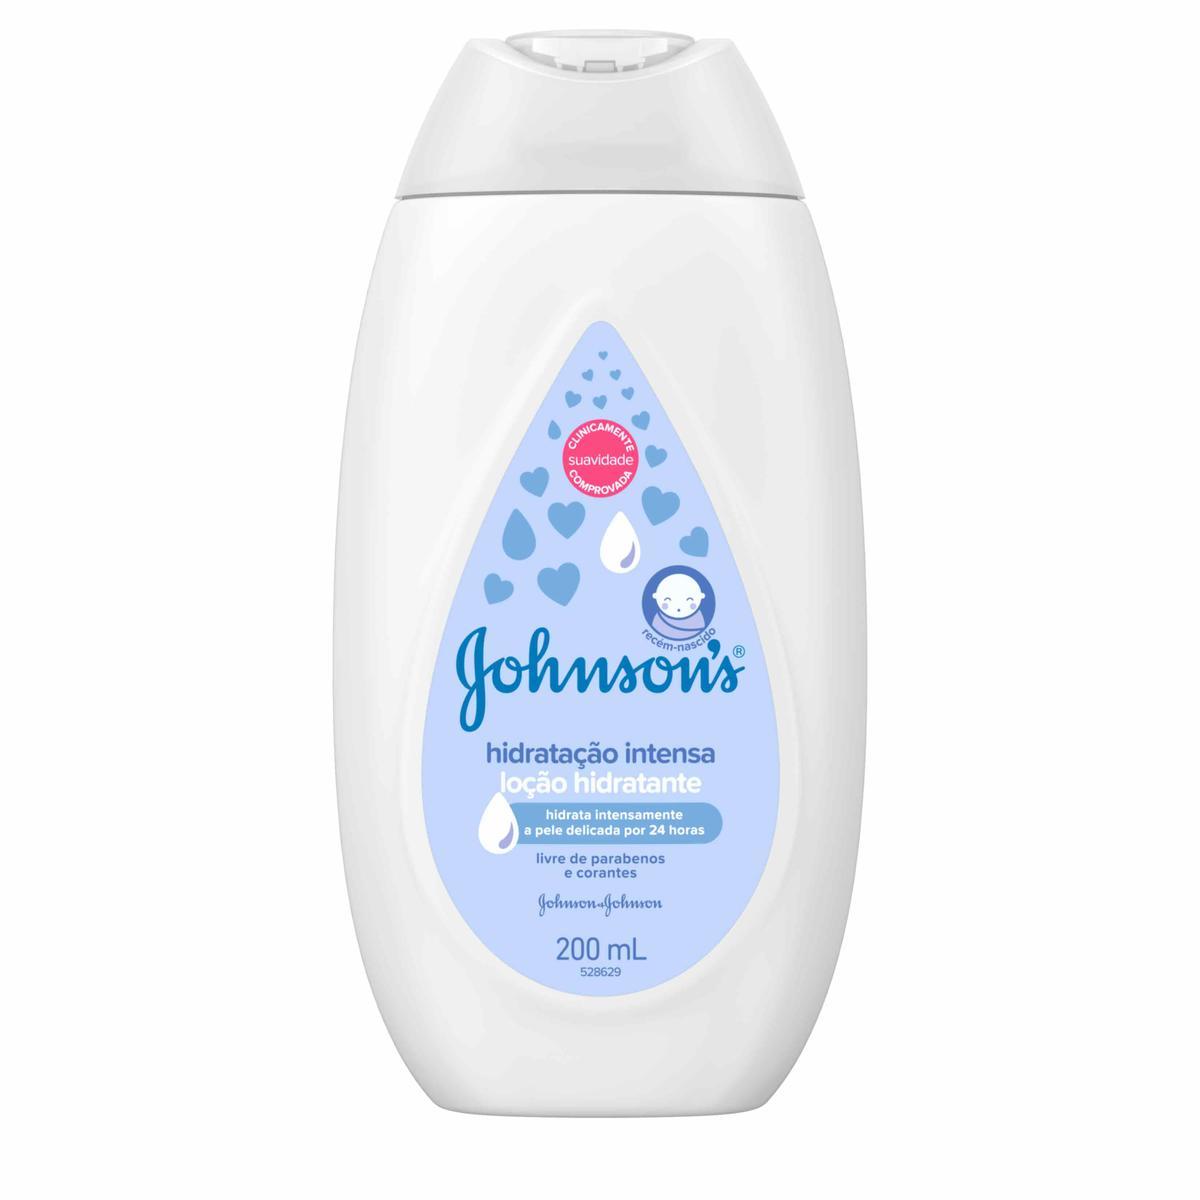 JOHNSON'S® Loção Hidratante Hidratação Intensa